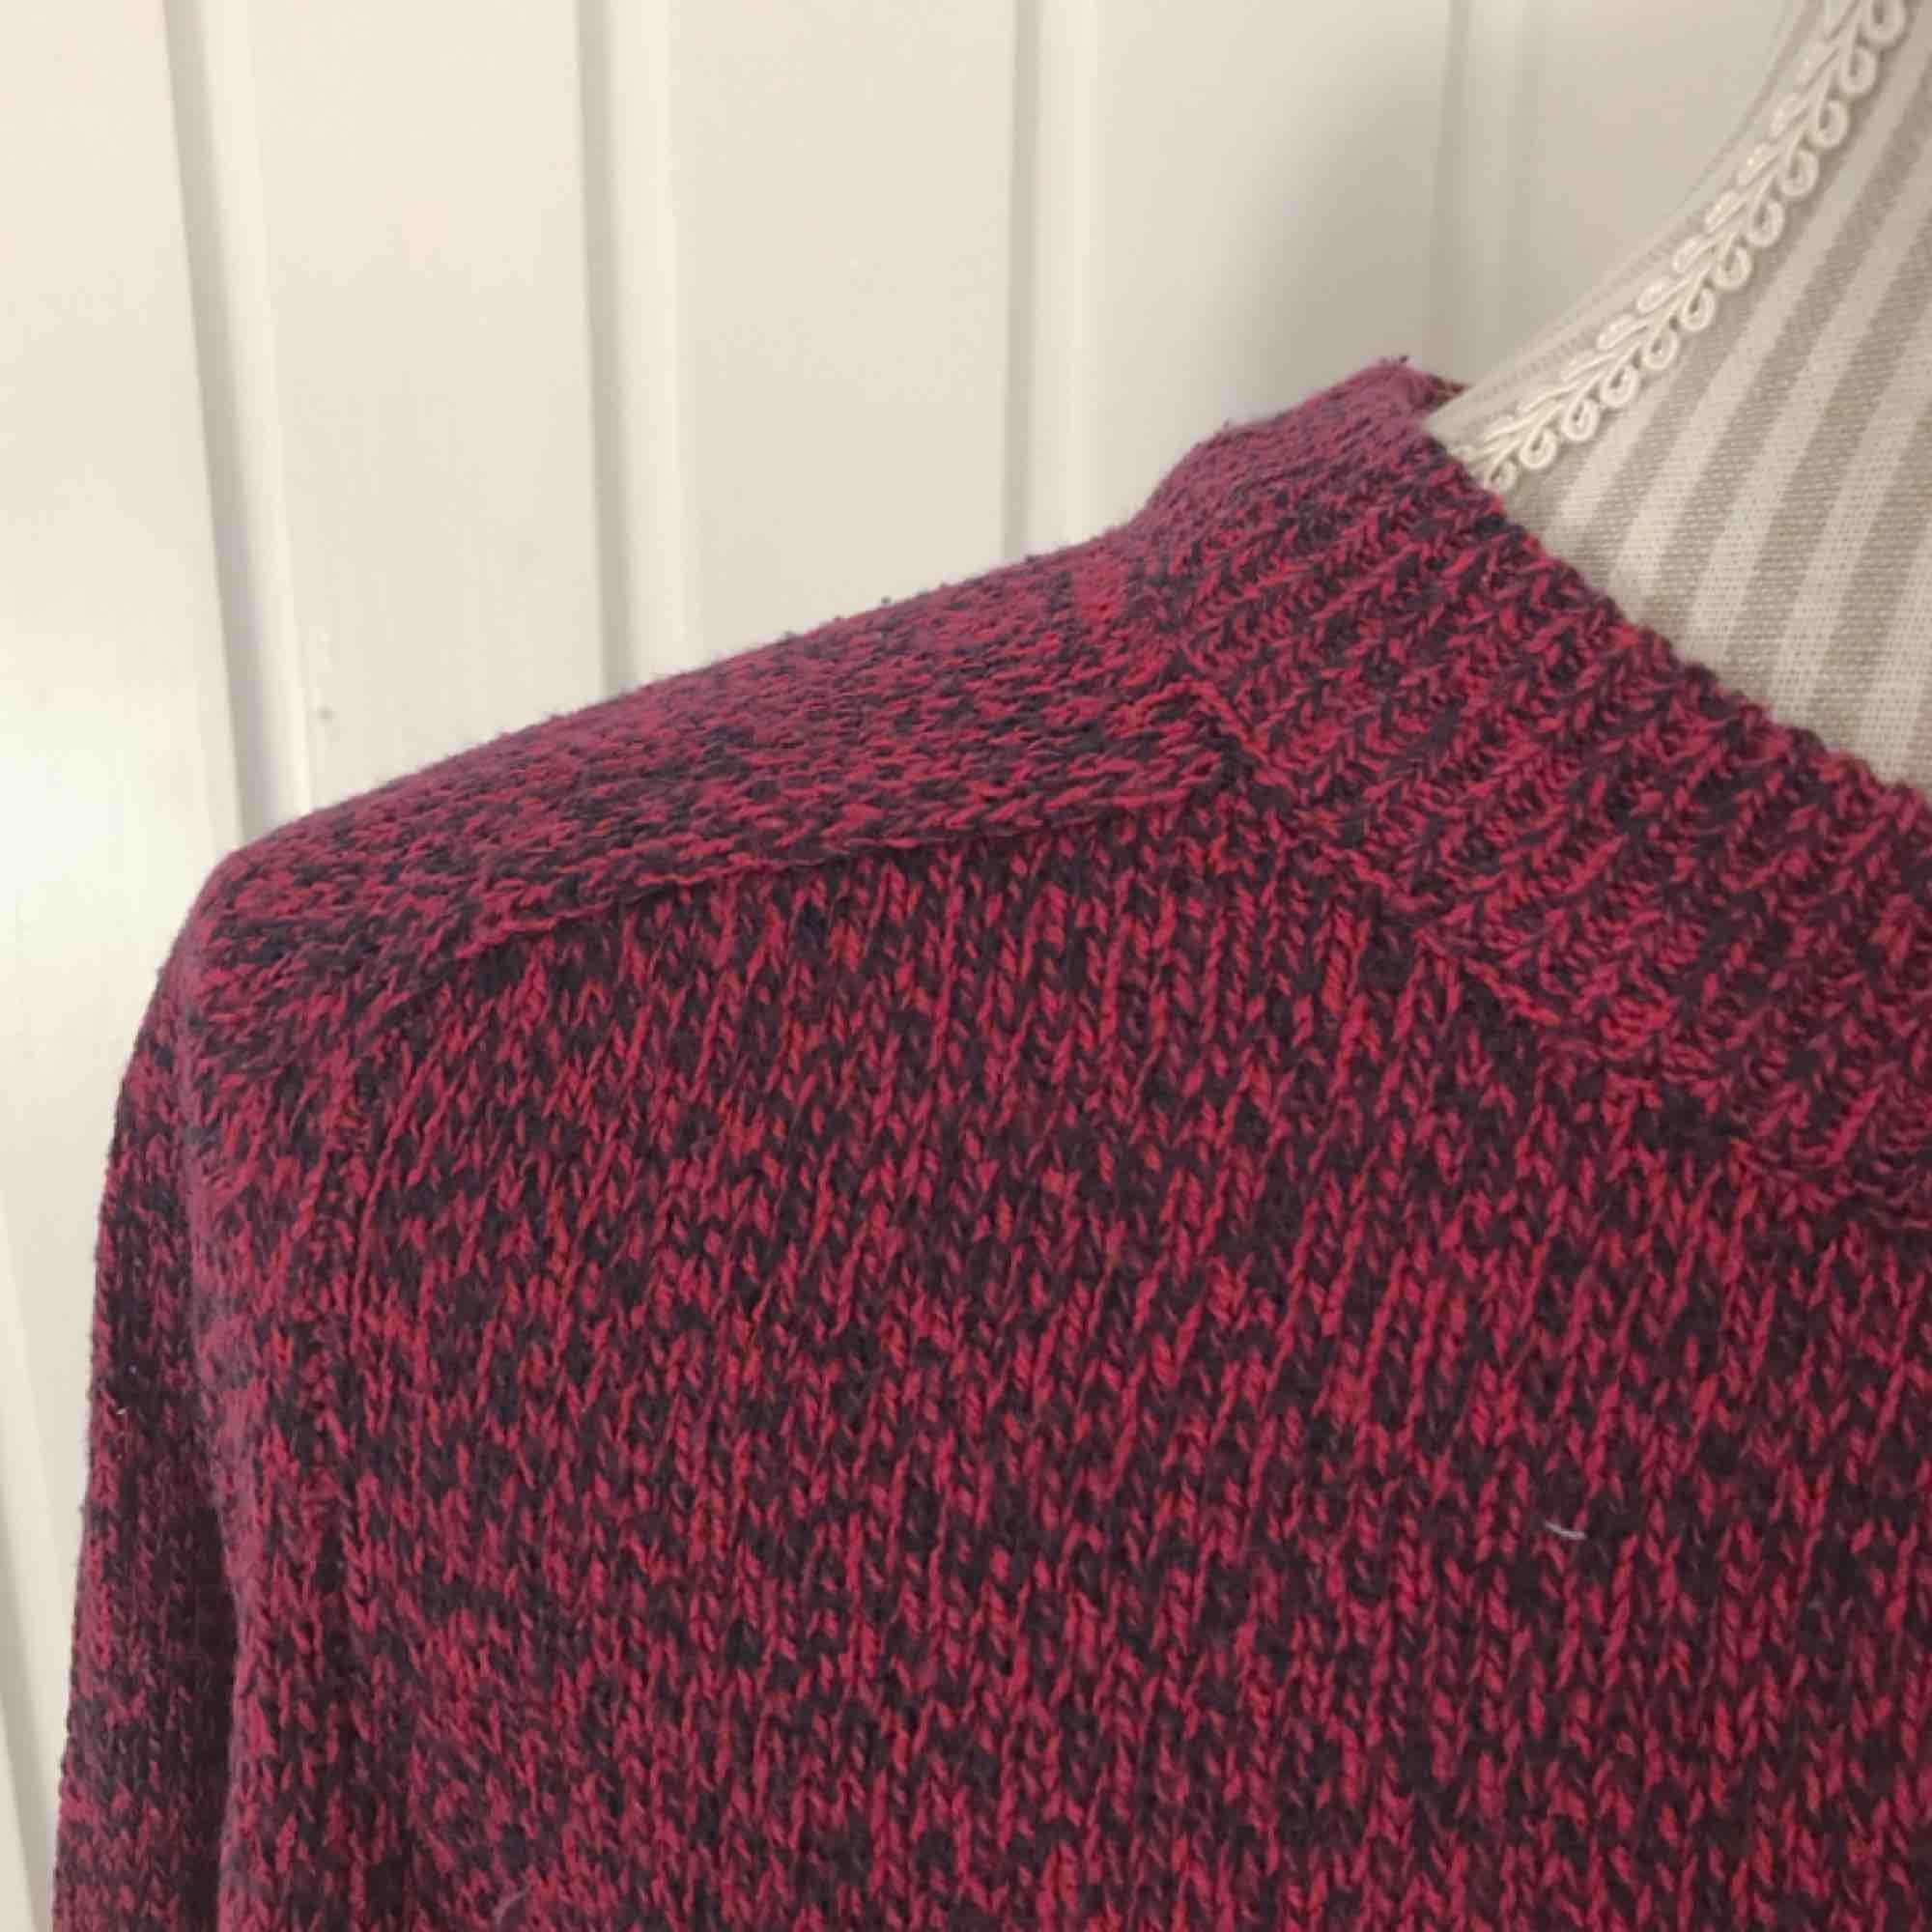 Röd/svart stickad tröja från H&M i fint skick! Frakt på 55 kr tillkommer. Tröjor & Koftor.